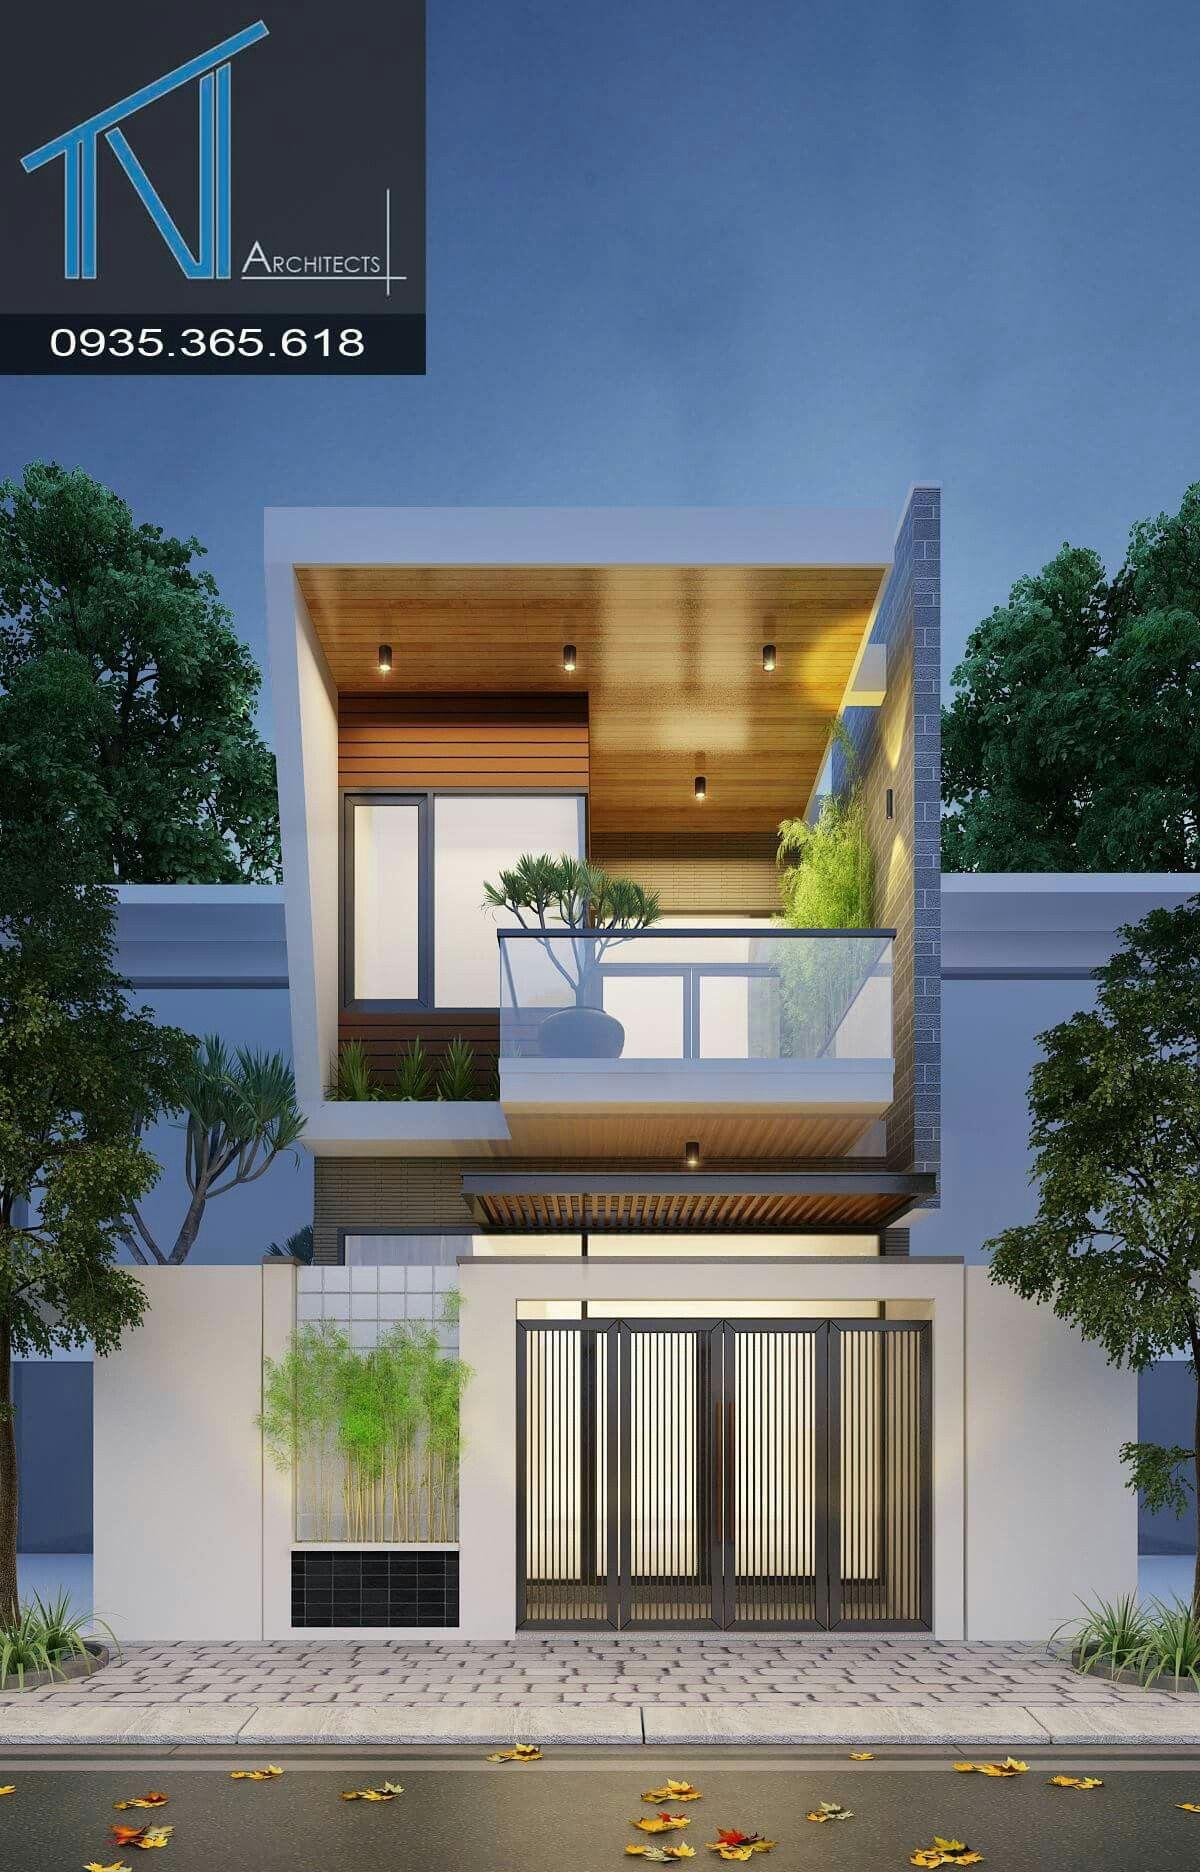 Special | Architecture | Pinterest | Haus architektur, Innen außen ...